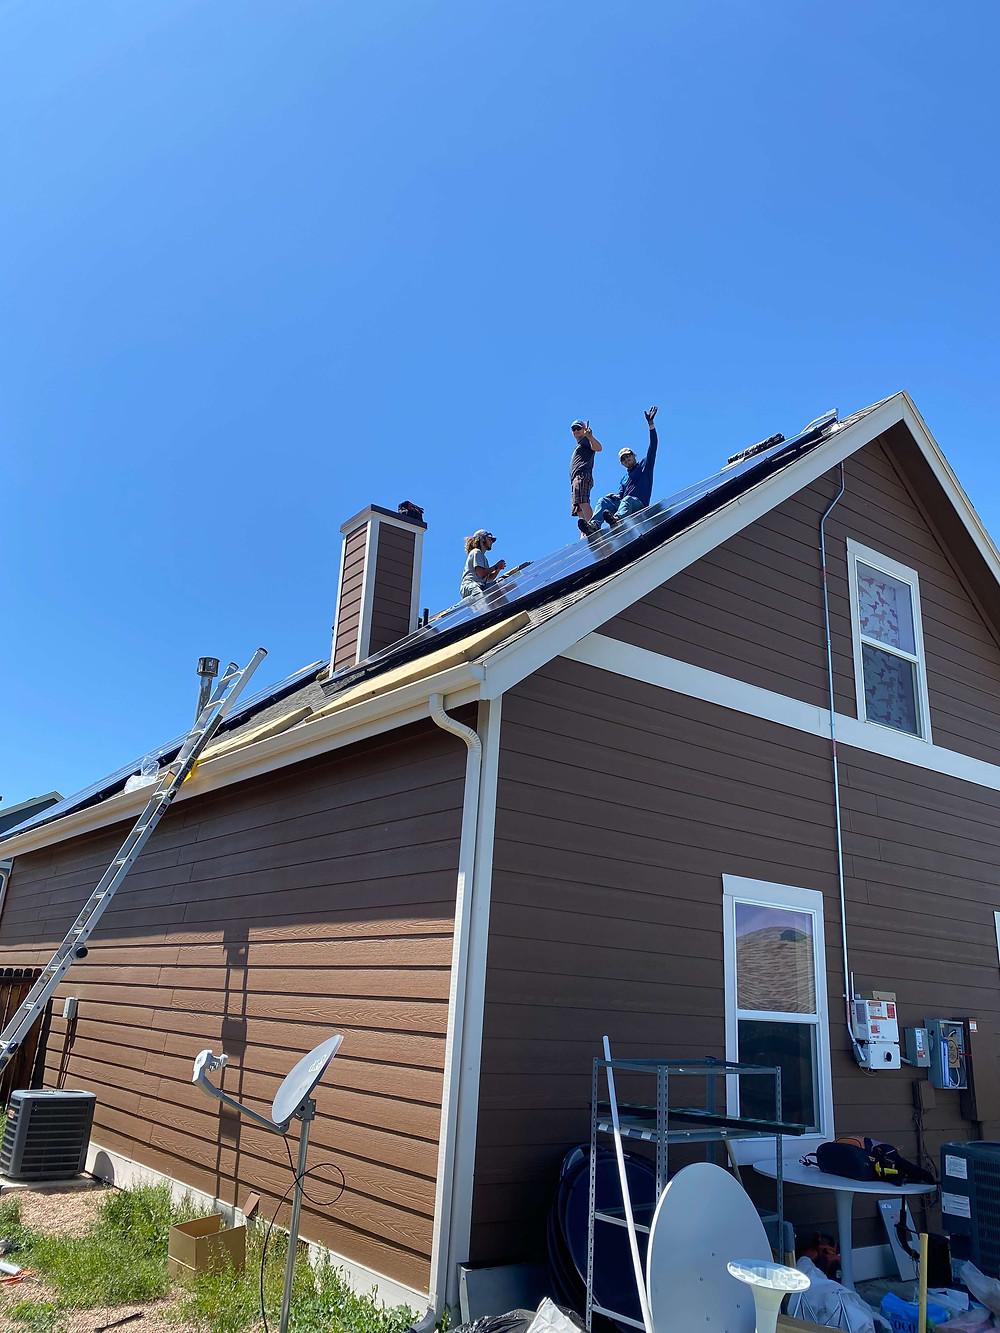 Solar panels installers in Denver, Colorado